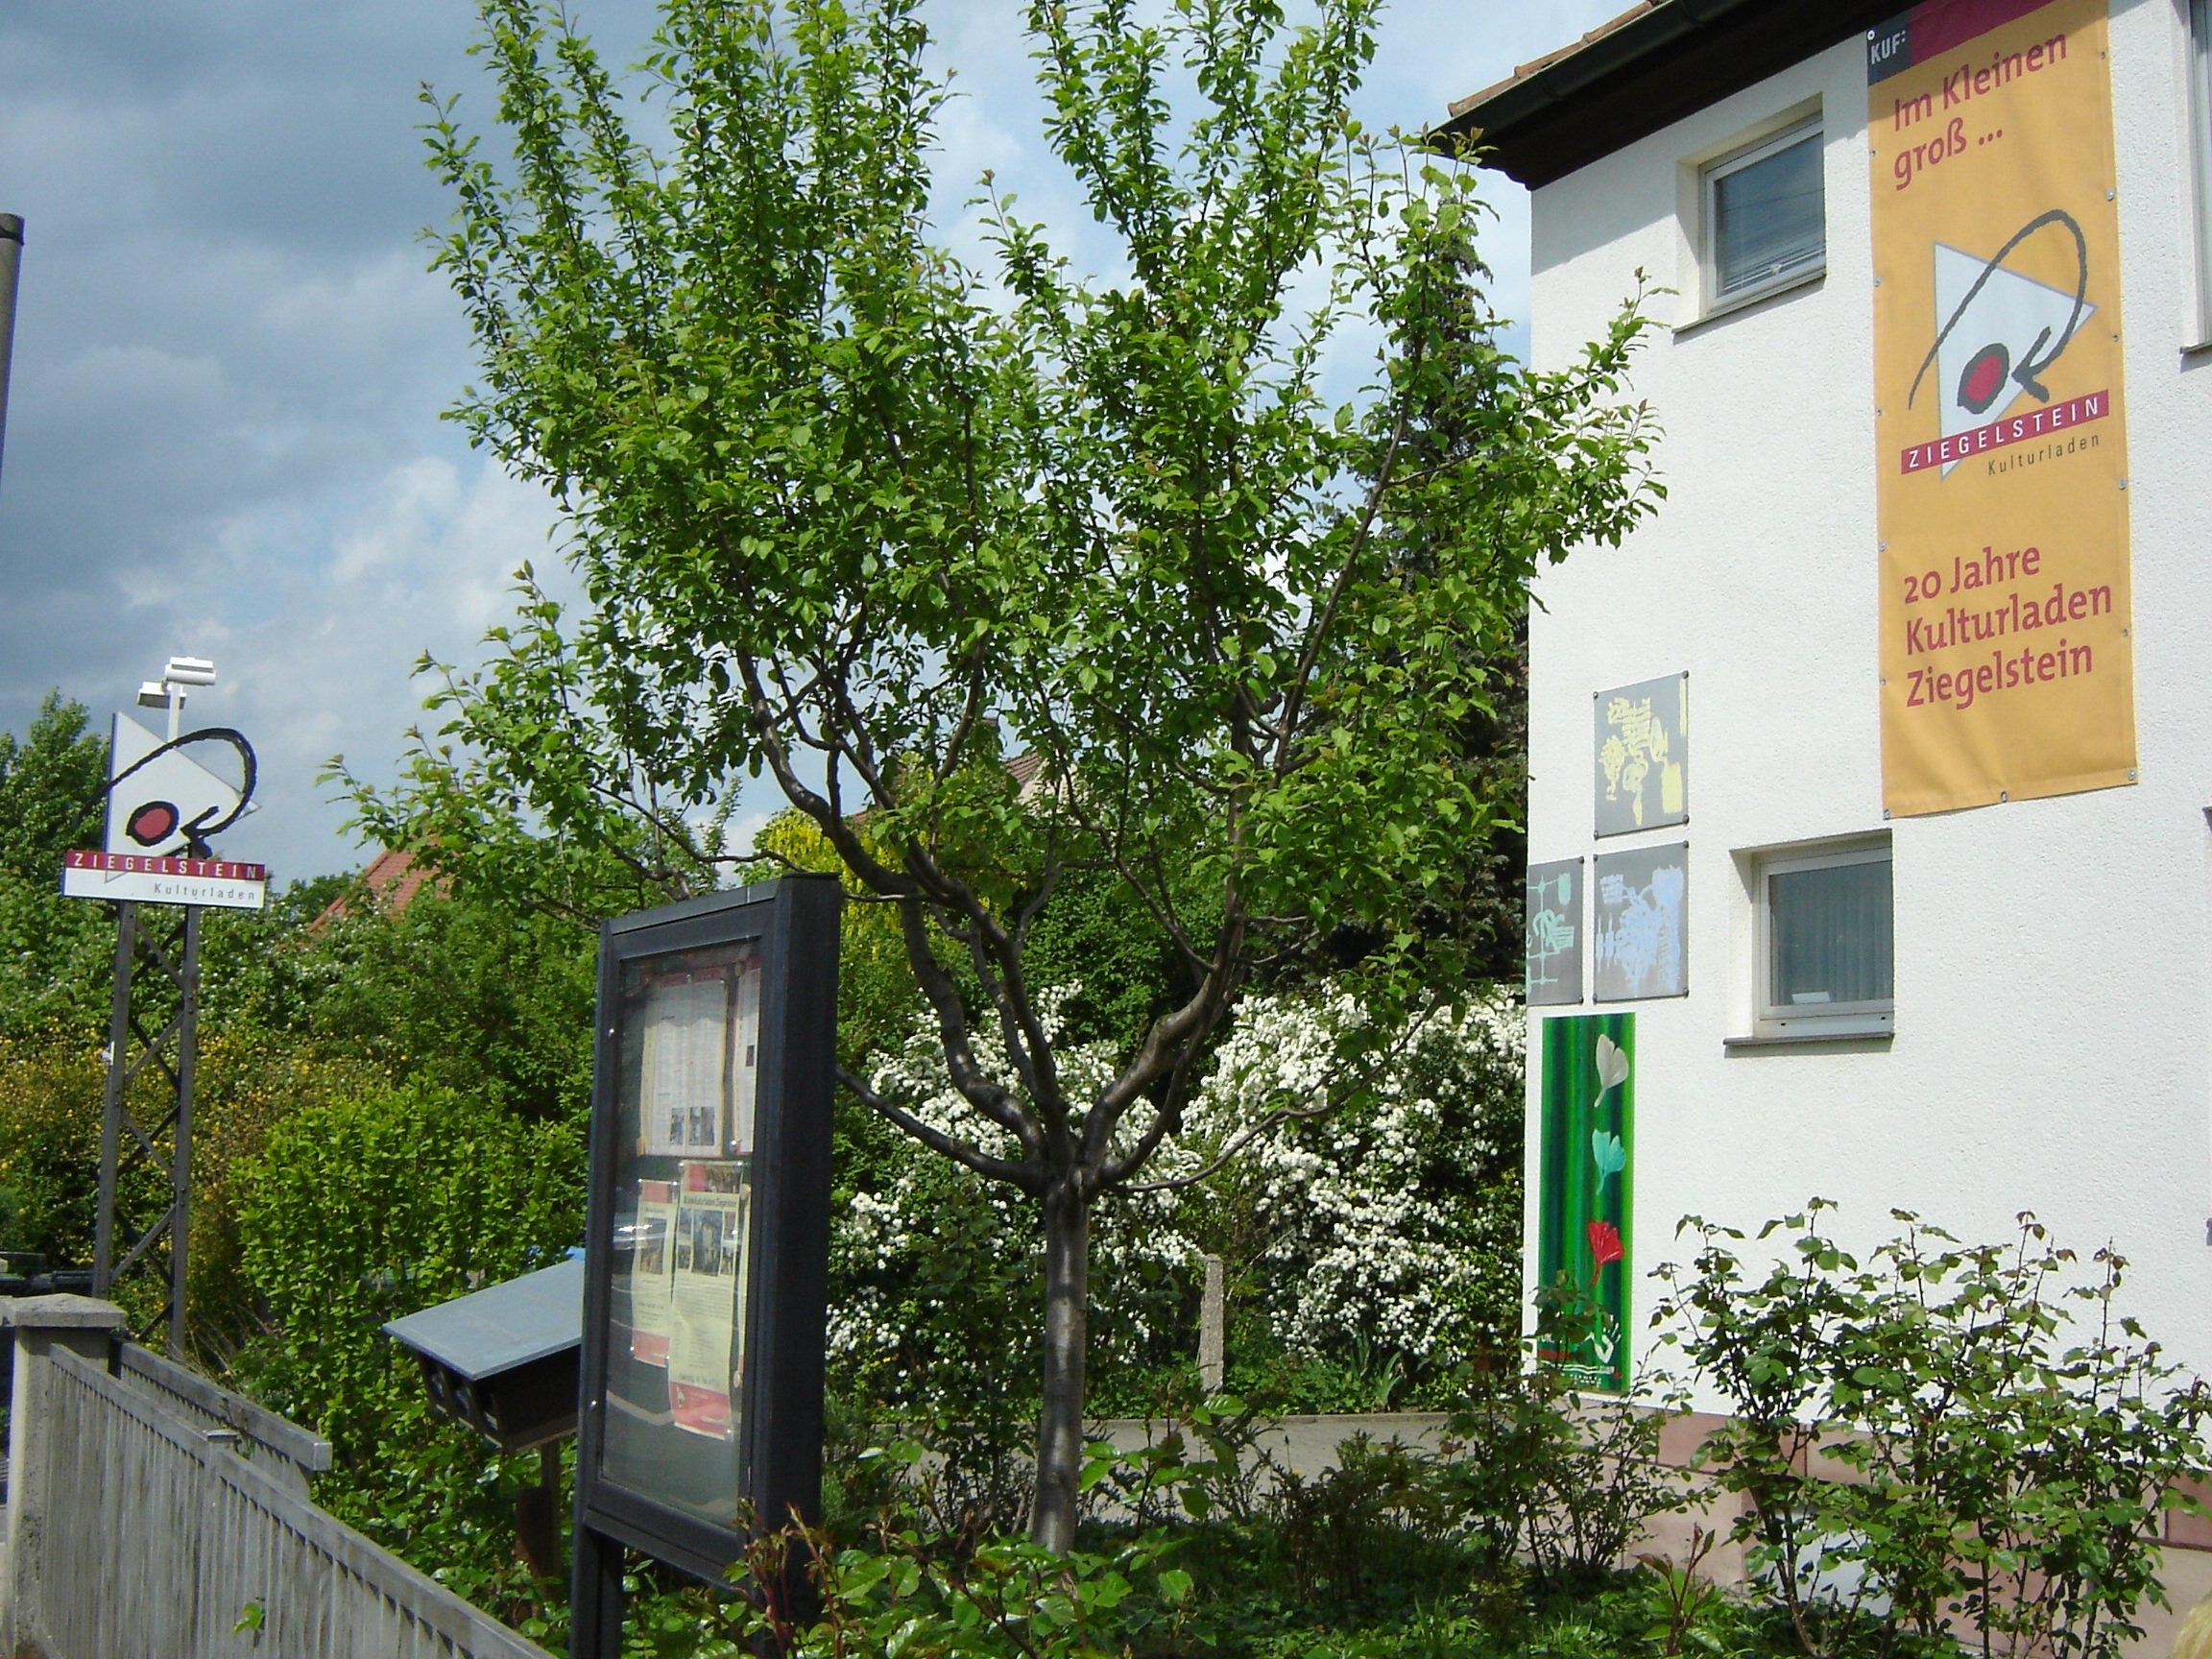 Café Litfaßsäule - © Kulturladen Ziegelstein